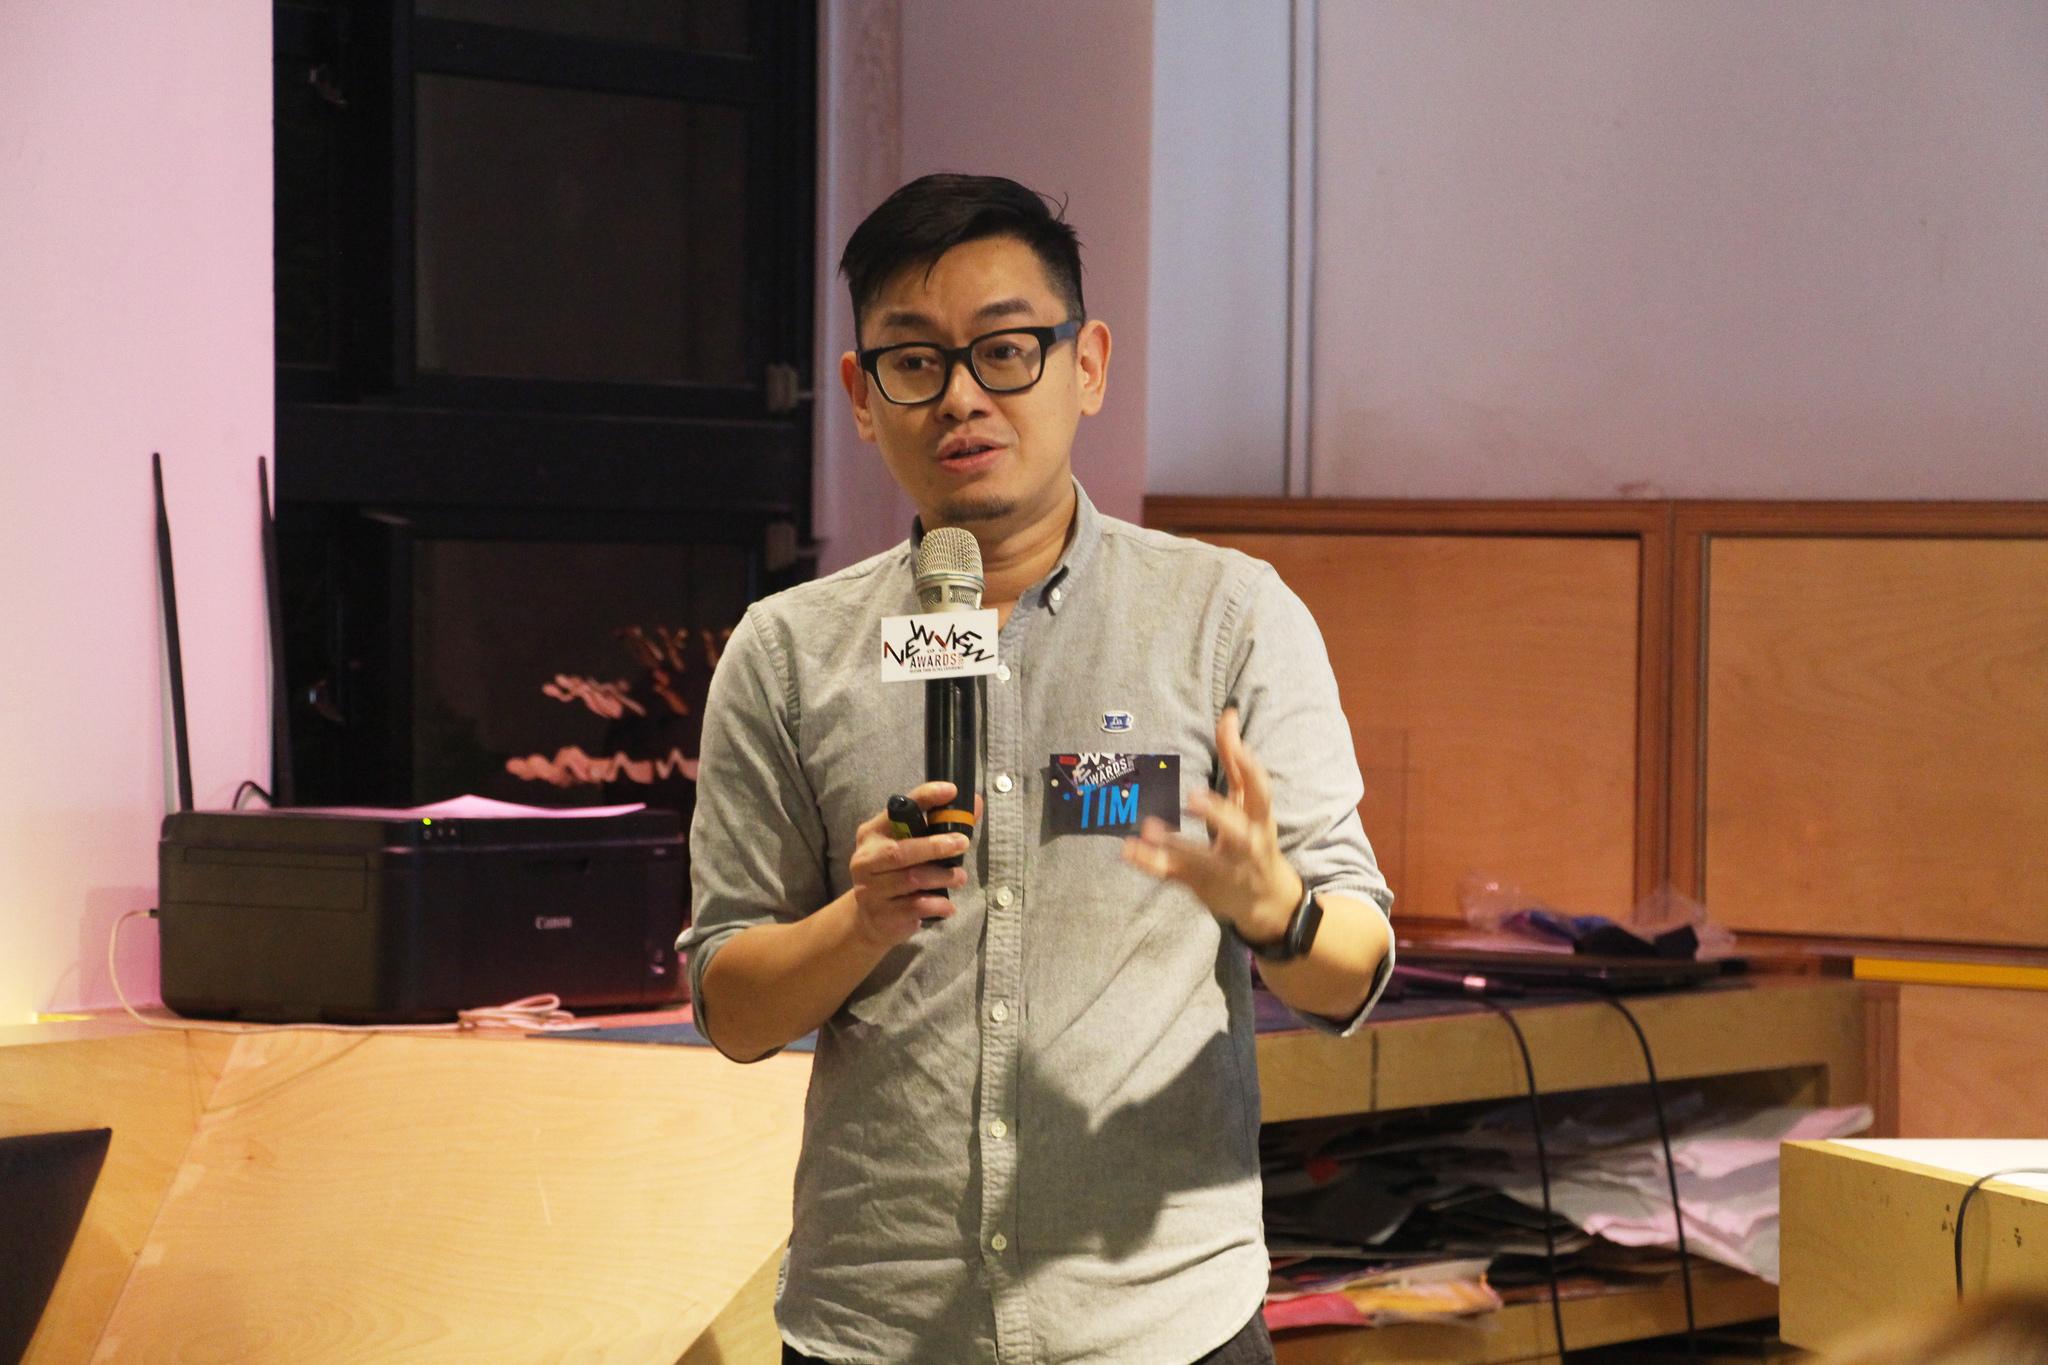 FabCafe TaipeiファウンダーのTim Wong